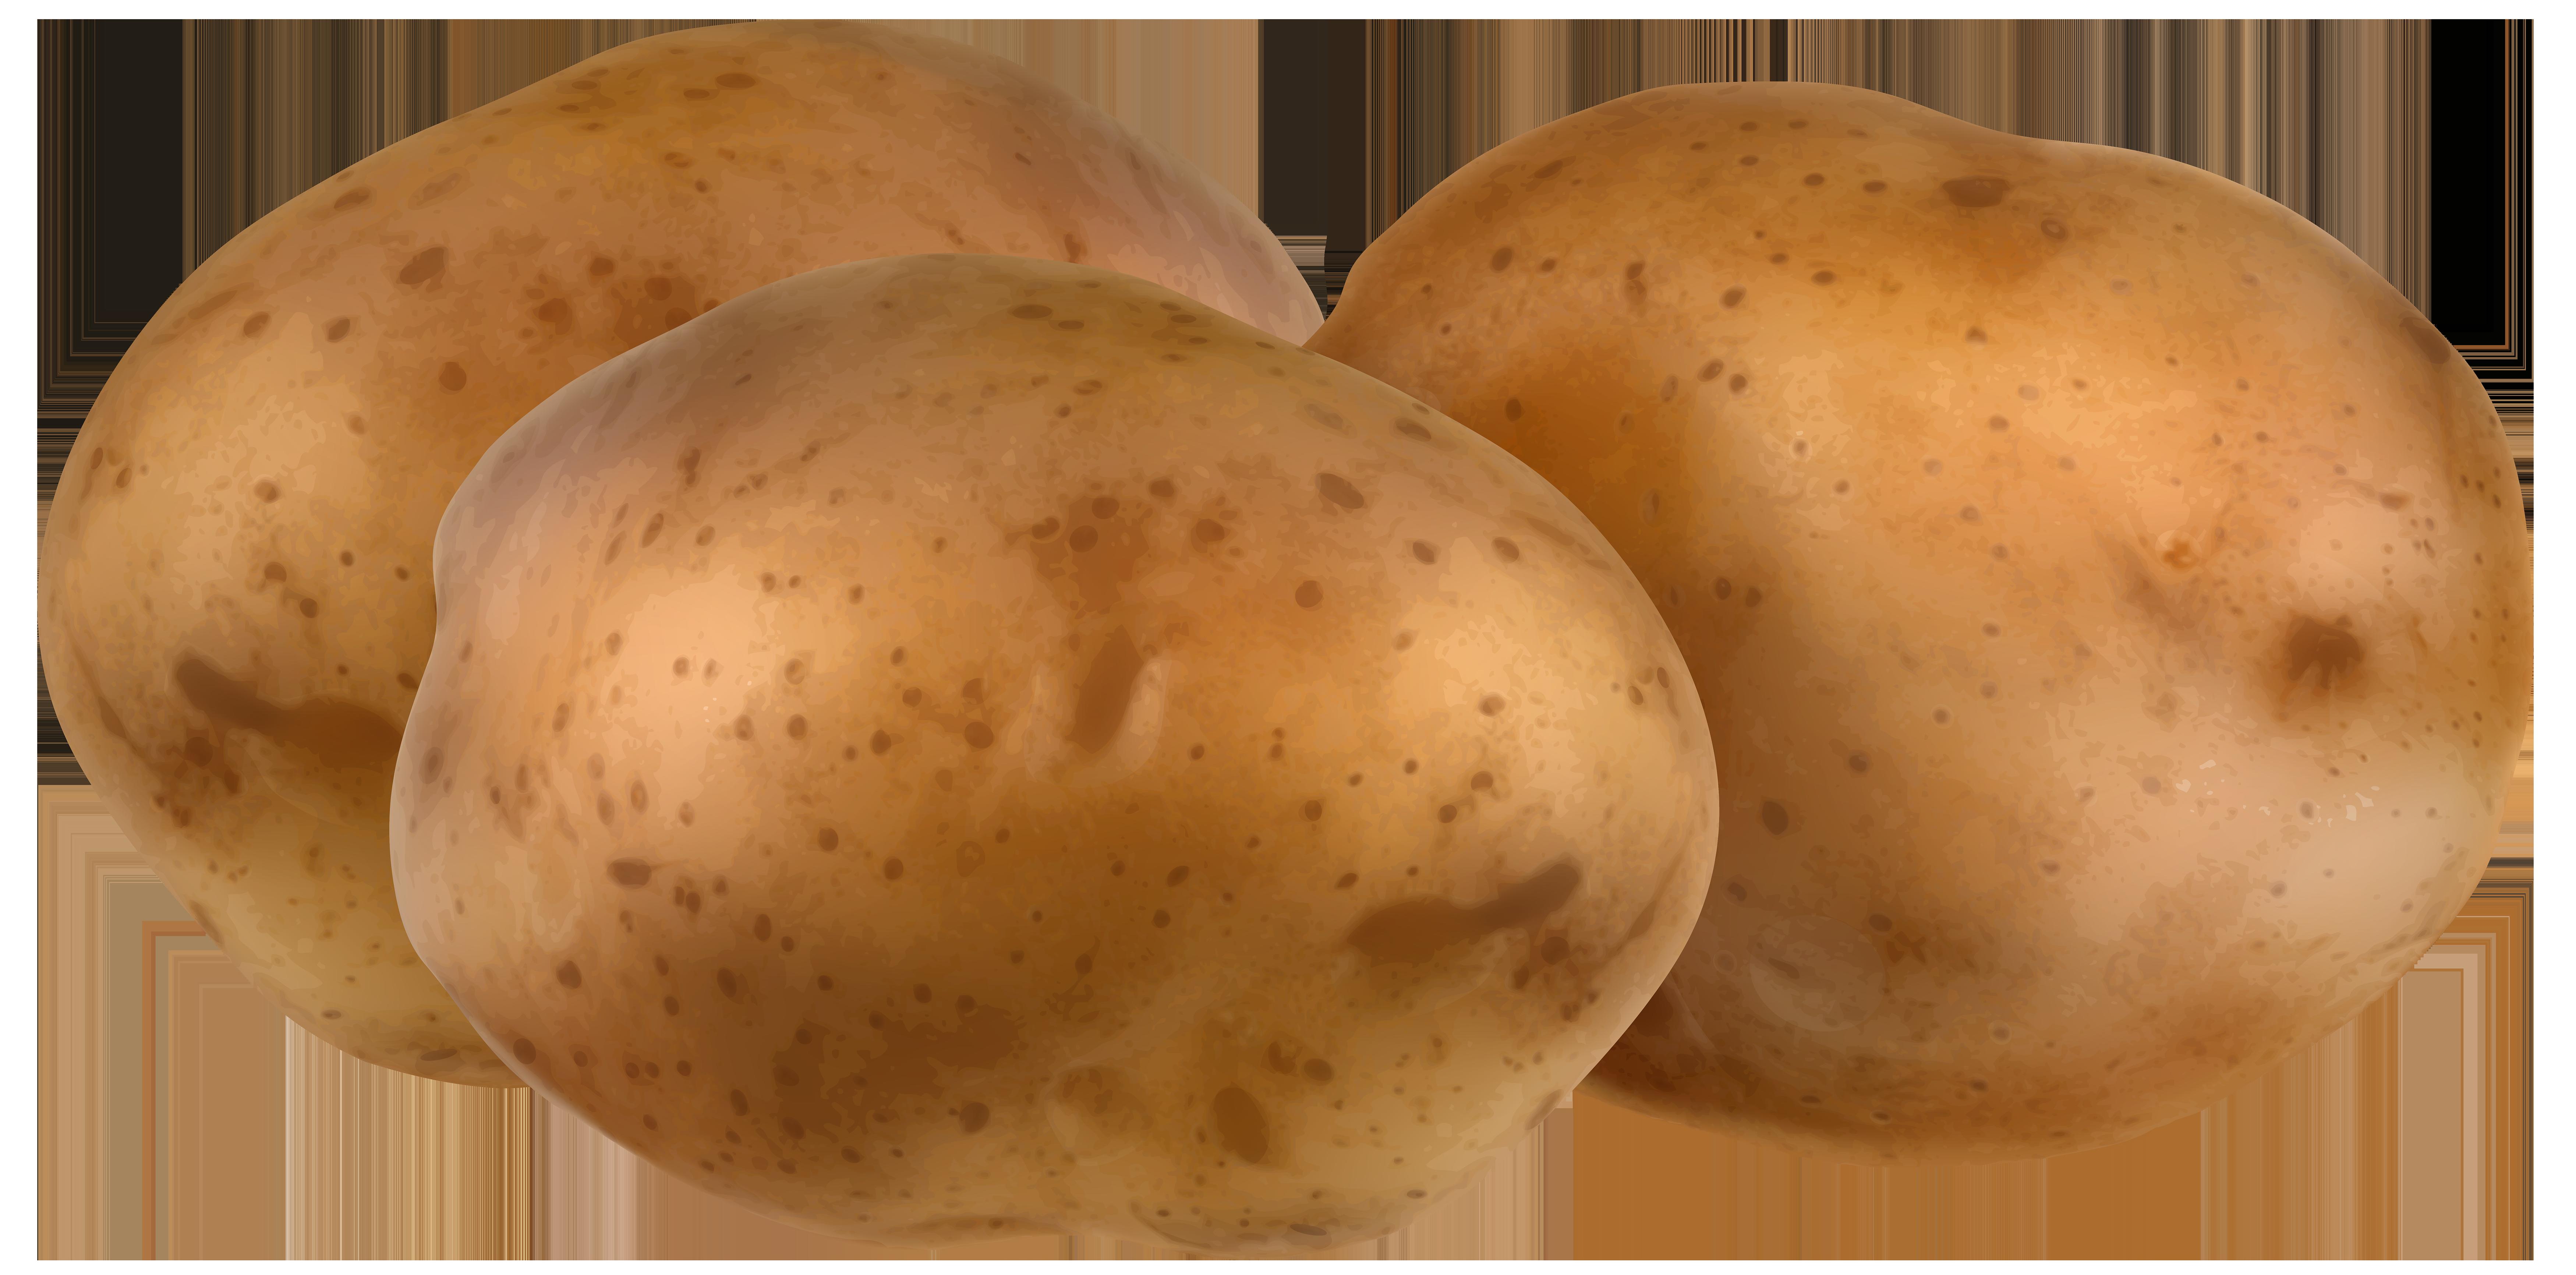 Potato Clipart Transparent.